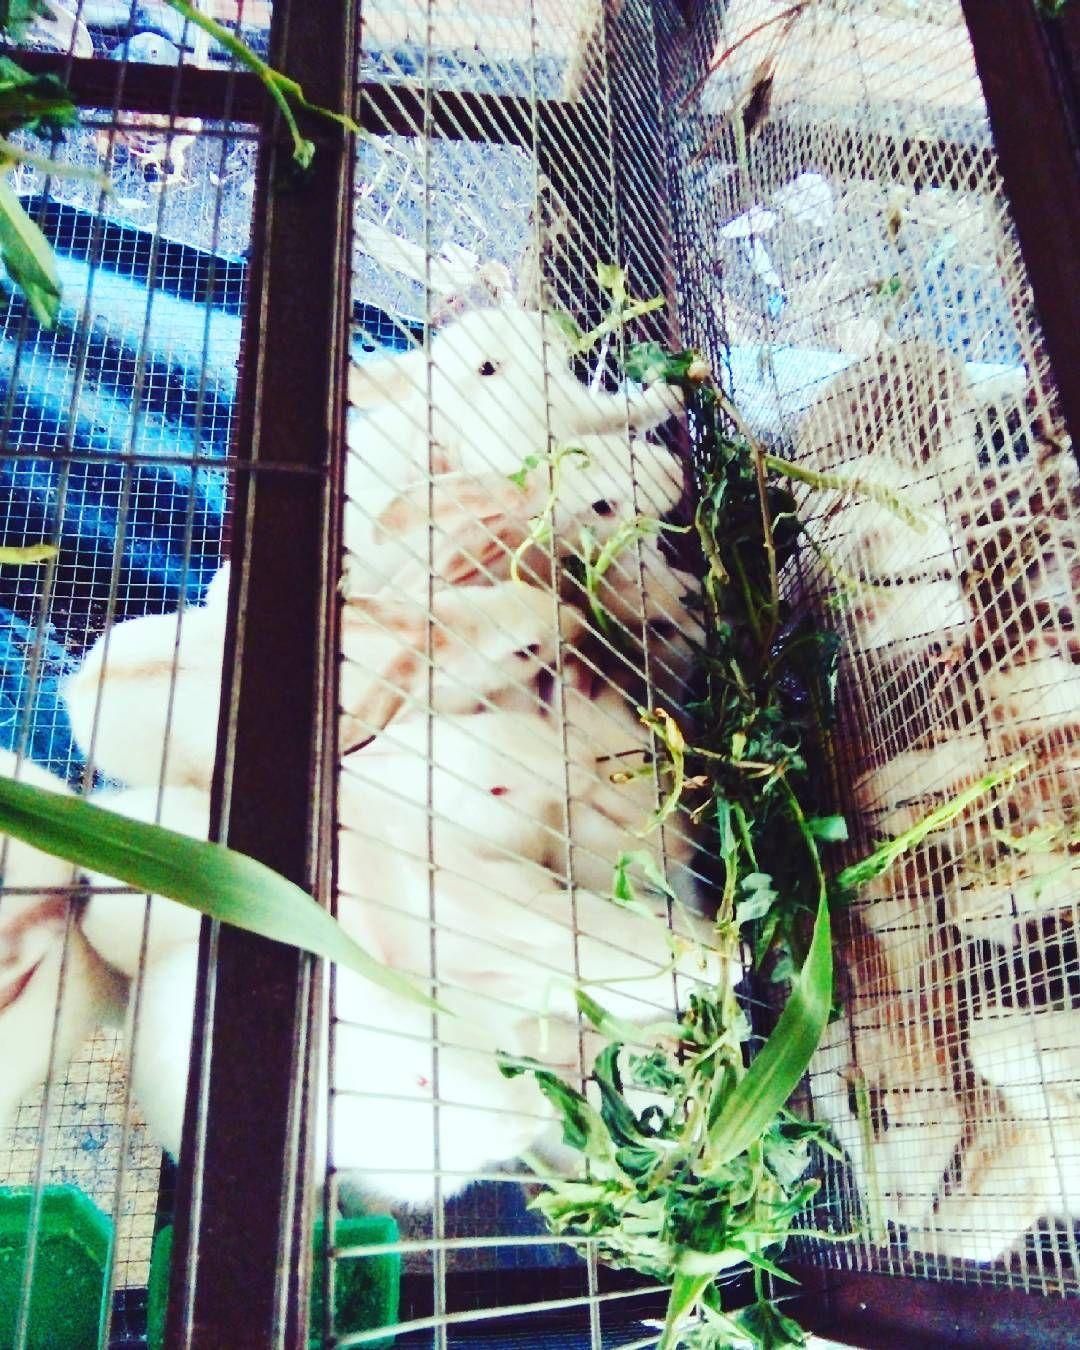 #rabbits #funnyfarm #vietnam #love by mychim117